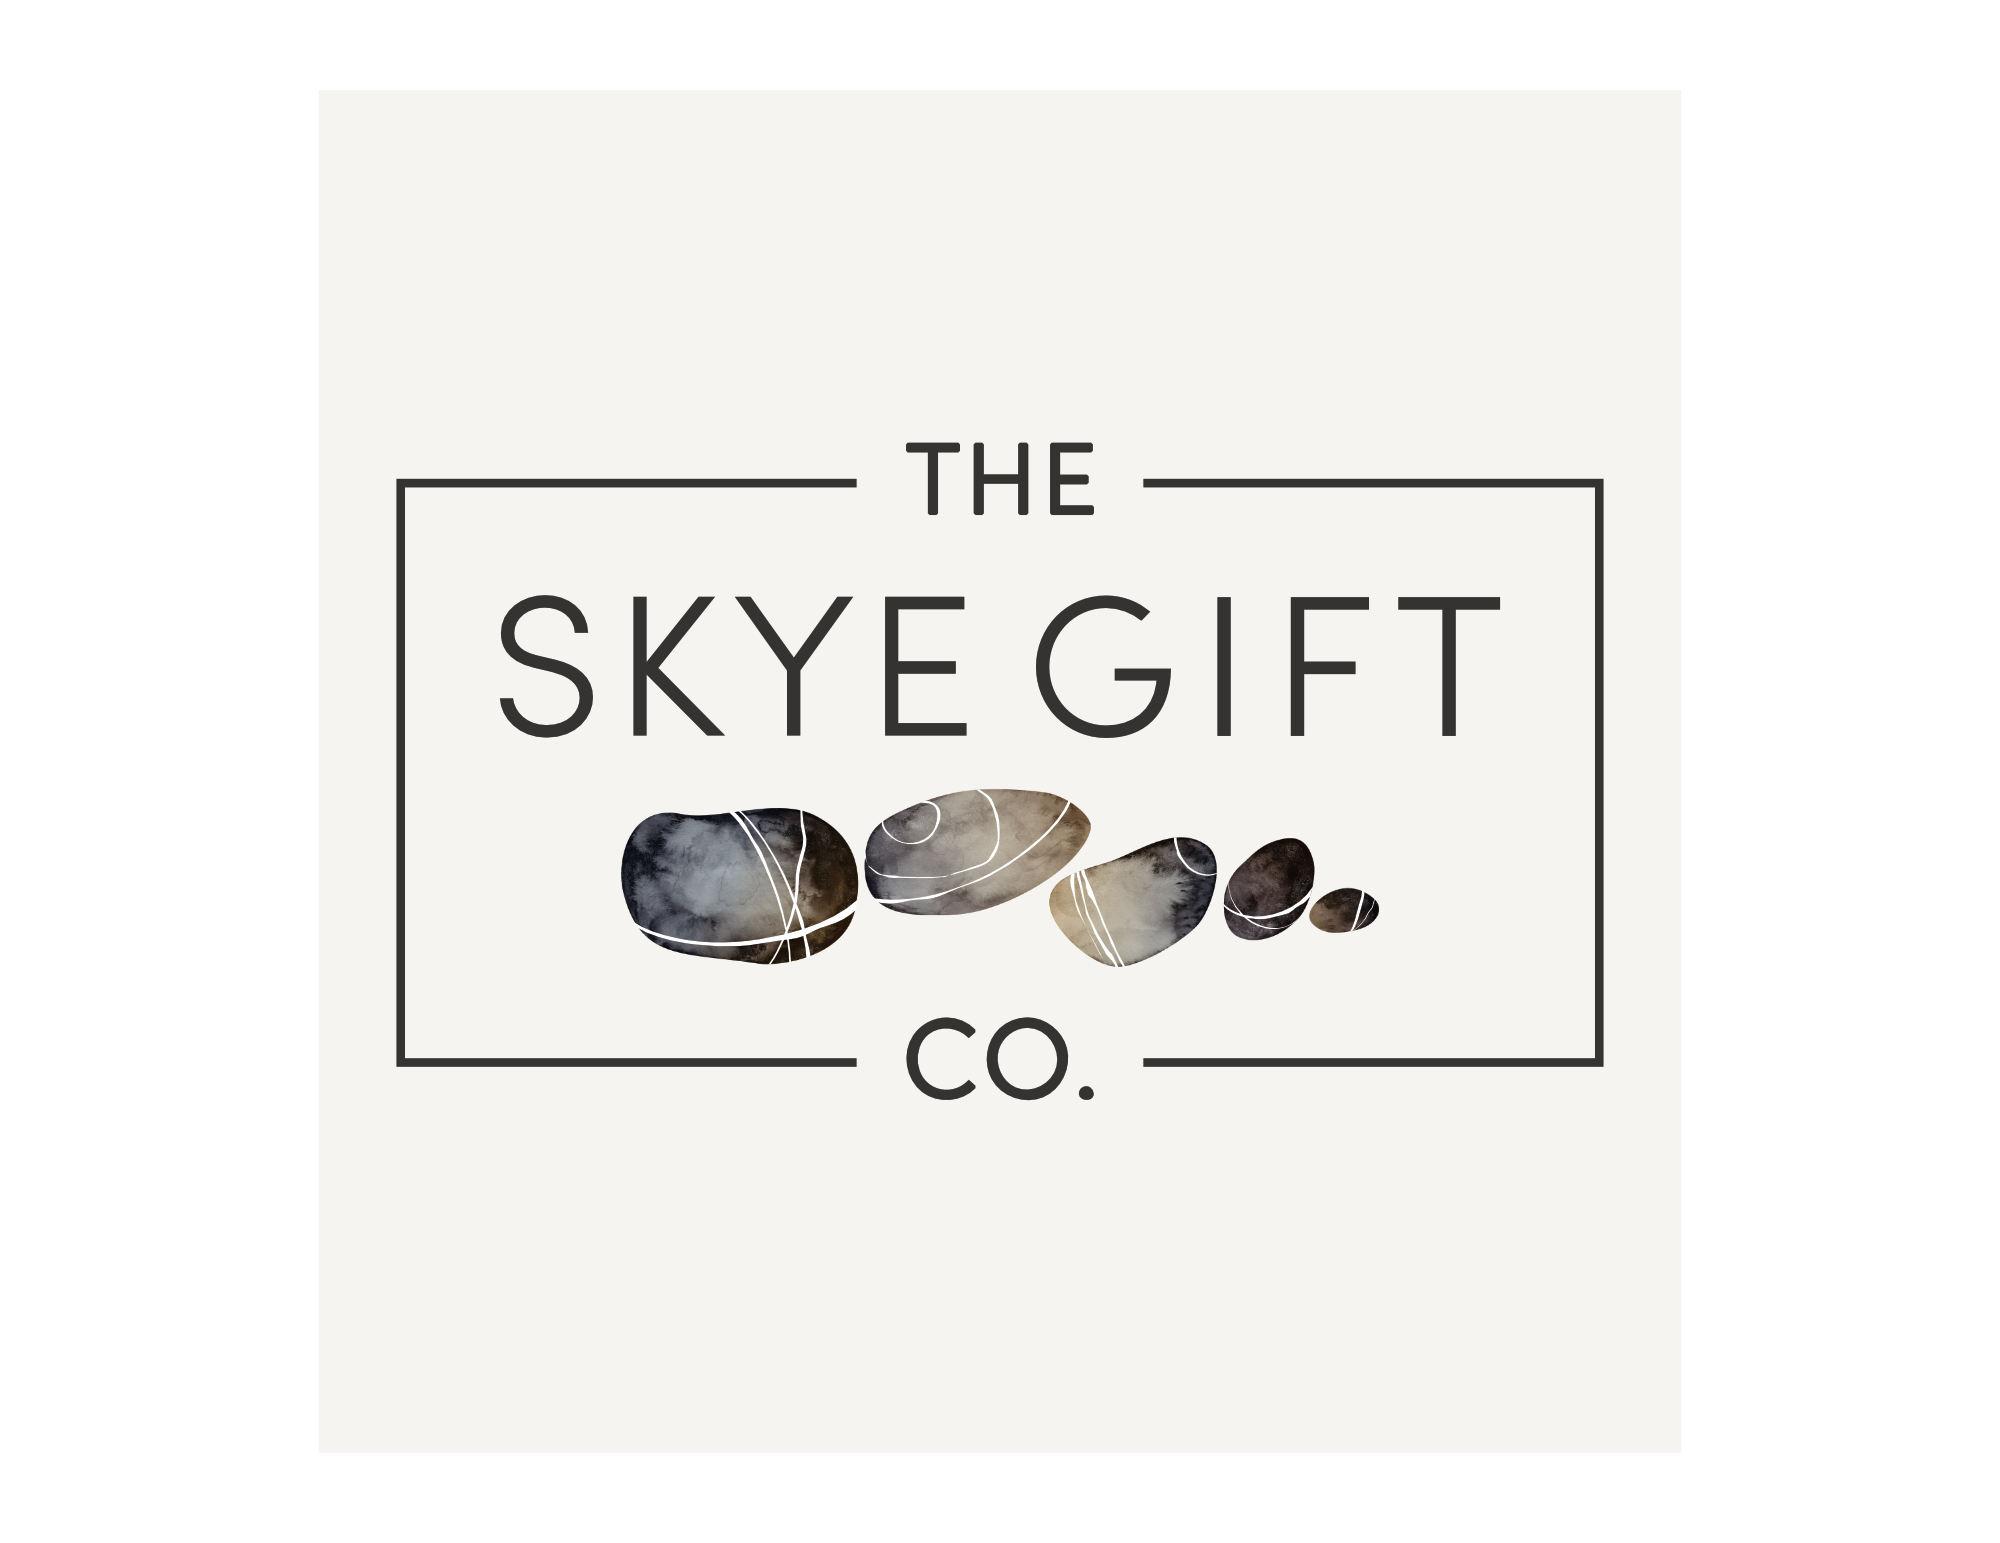 The Skye Gift Co. logo - branding